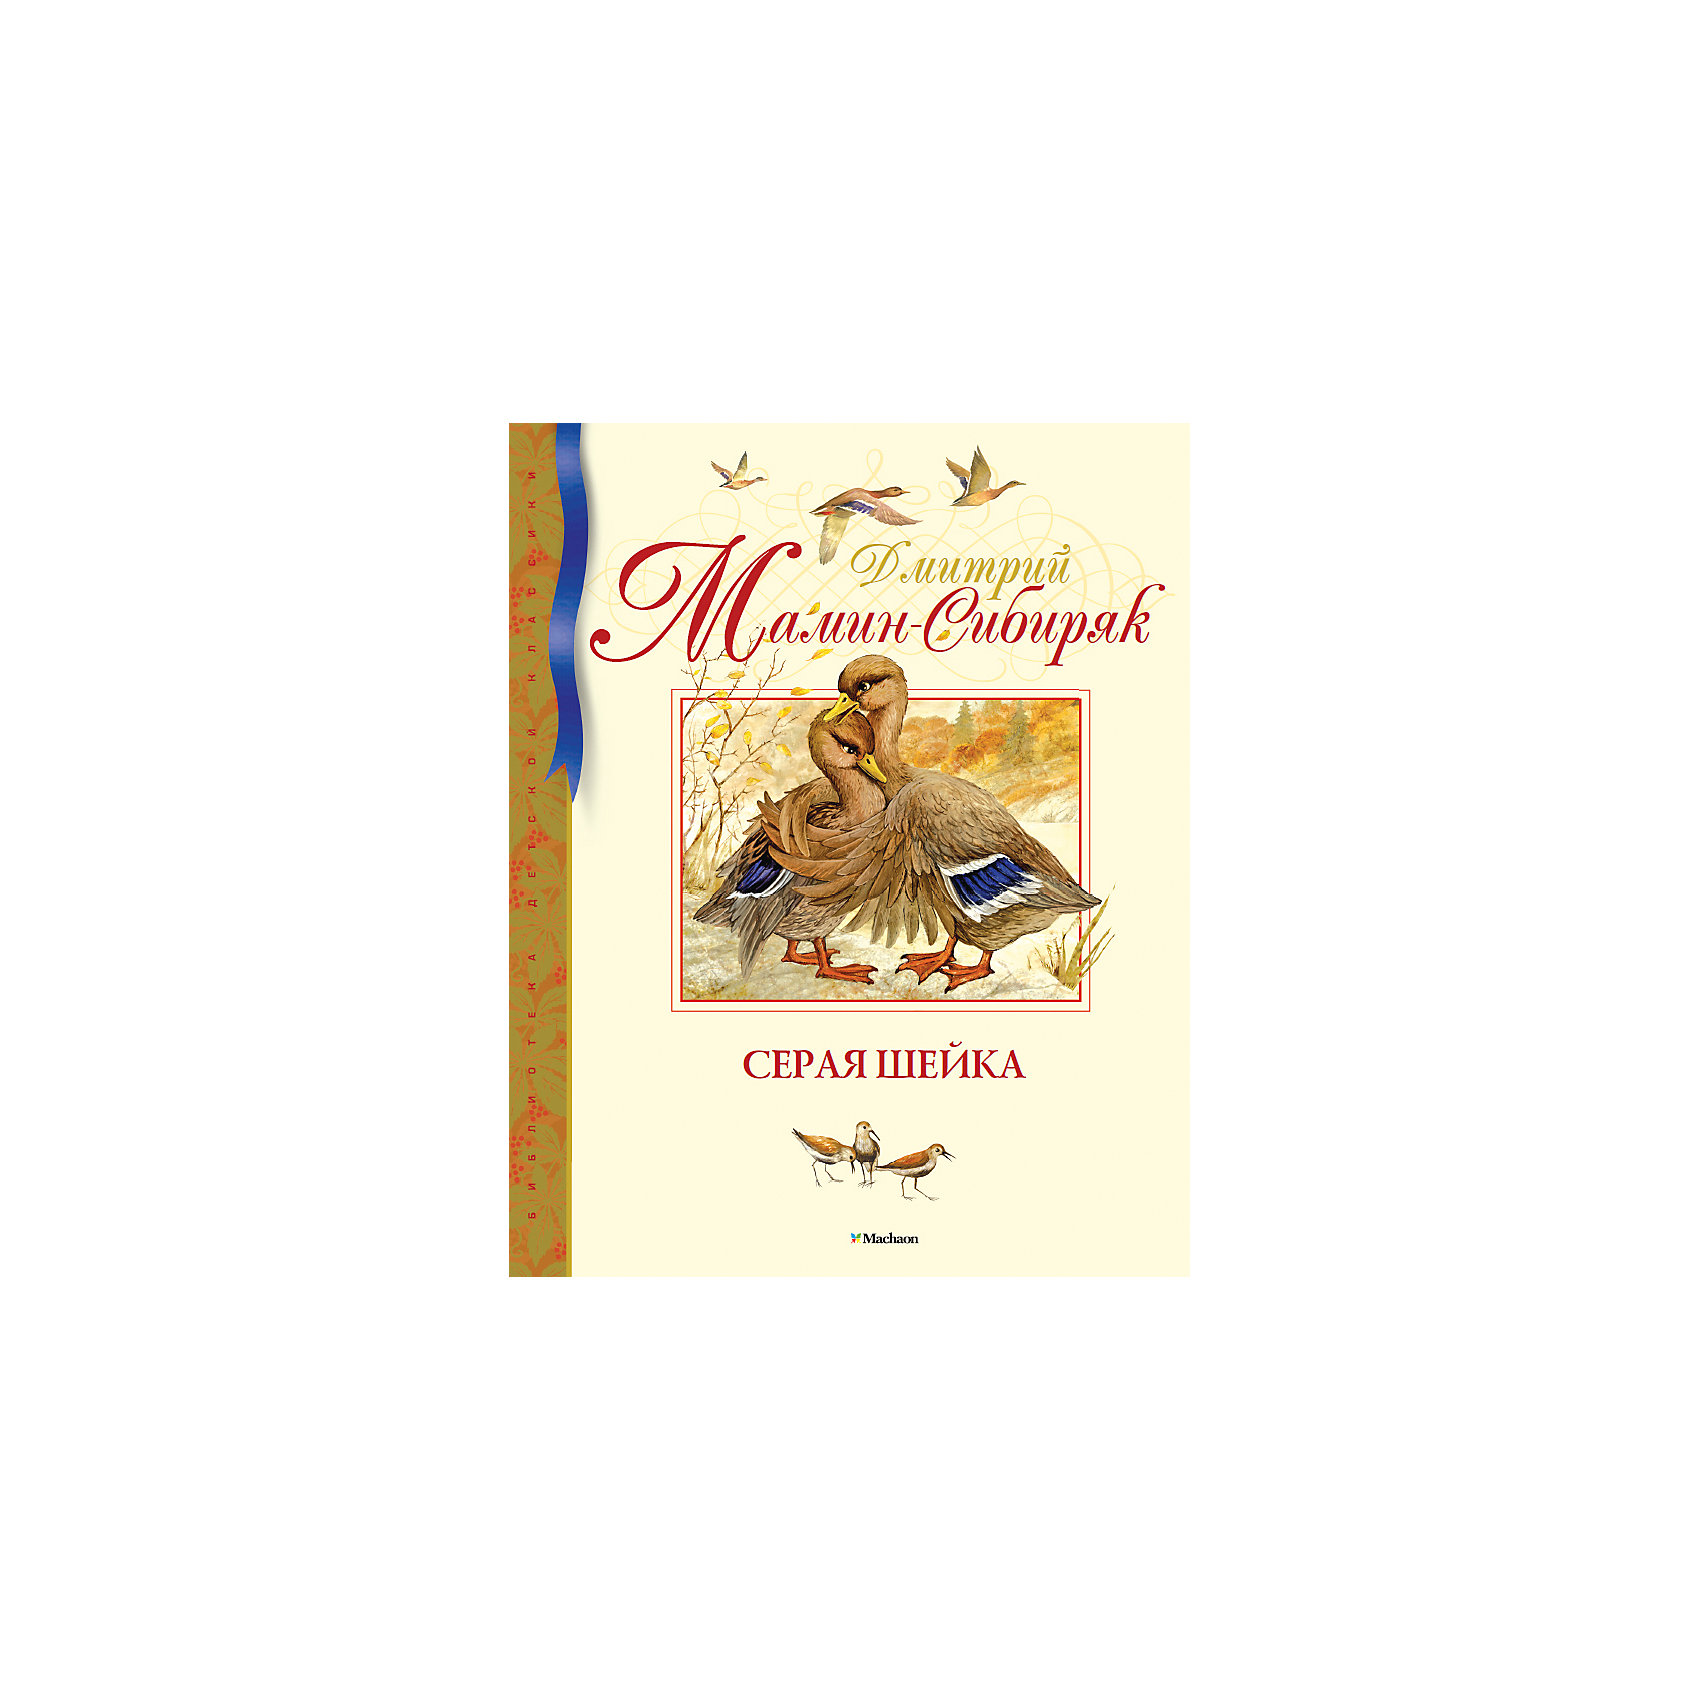 Серая Шейка, Д.Н. Мамин-СибирякМаленькую беззащитную уточку по имени Серая шейка поранила лисица, и она не смогла улететь вместе с остальными, когда пришла осень. О ее дружбе с зайцем и глухарем, об их борьбе с лисой, о ее спасении стариком охотником удивительно добрую и трогательную историю со счастливым концом написал известный русский писатель XIX века Д. Н. Мамин-Сибиряк. Сказка появилась на свет в 1893 году и с тех пор является классикой мировой литературы для детей.<br><br>Ширина мм: 235<br>Глубина мм: 195<br>Высота мм: 11<br>Вес г: 386<br>Возраст от месяцев: 84<br>Возраст до месяцев: 120<br>Пол: Унисекс<br>Возраст: Детский<br>SKU: 4818066